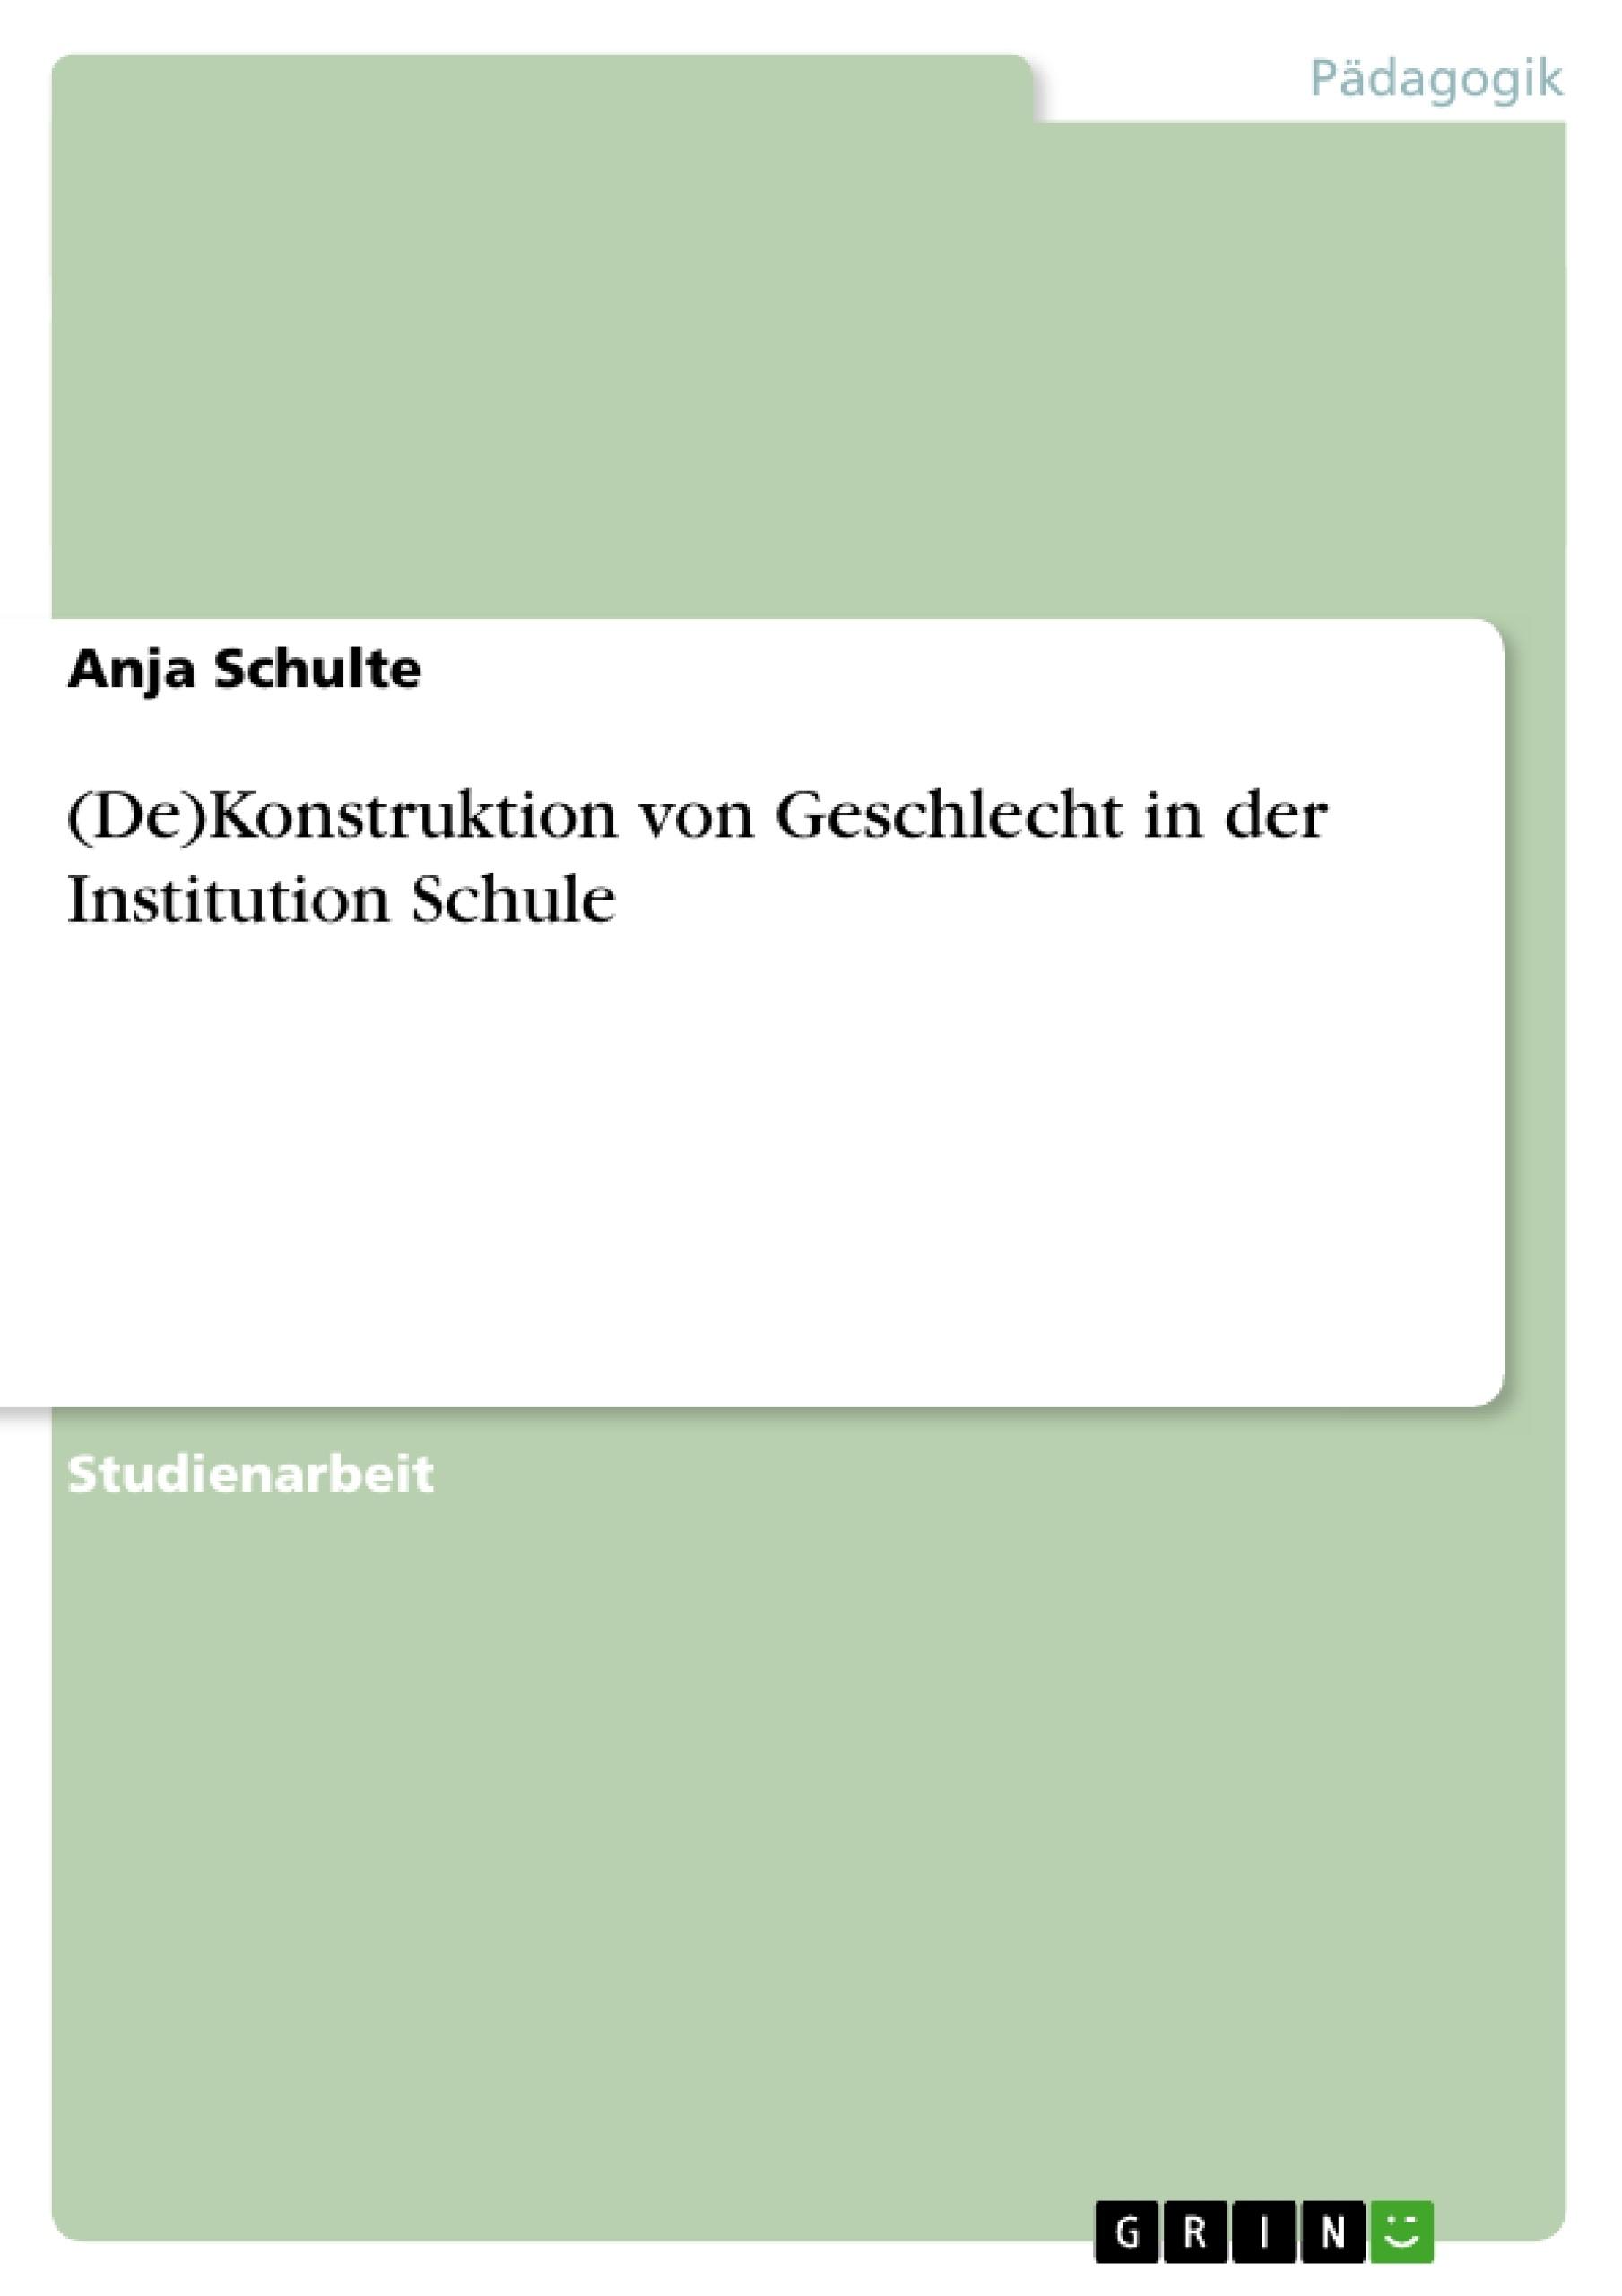 Titel: (De)Konstruktion von Geschlecht in der Institution Schule